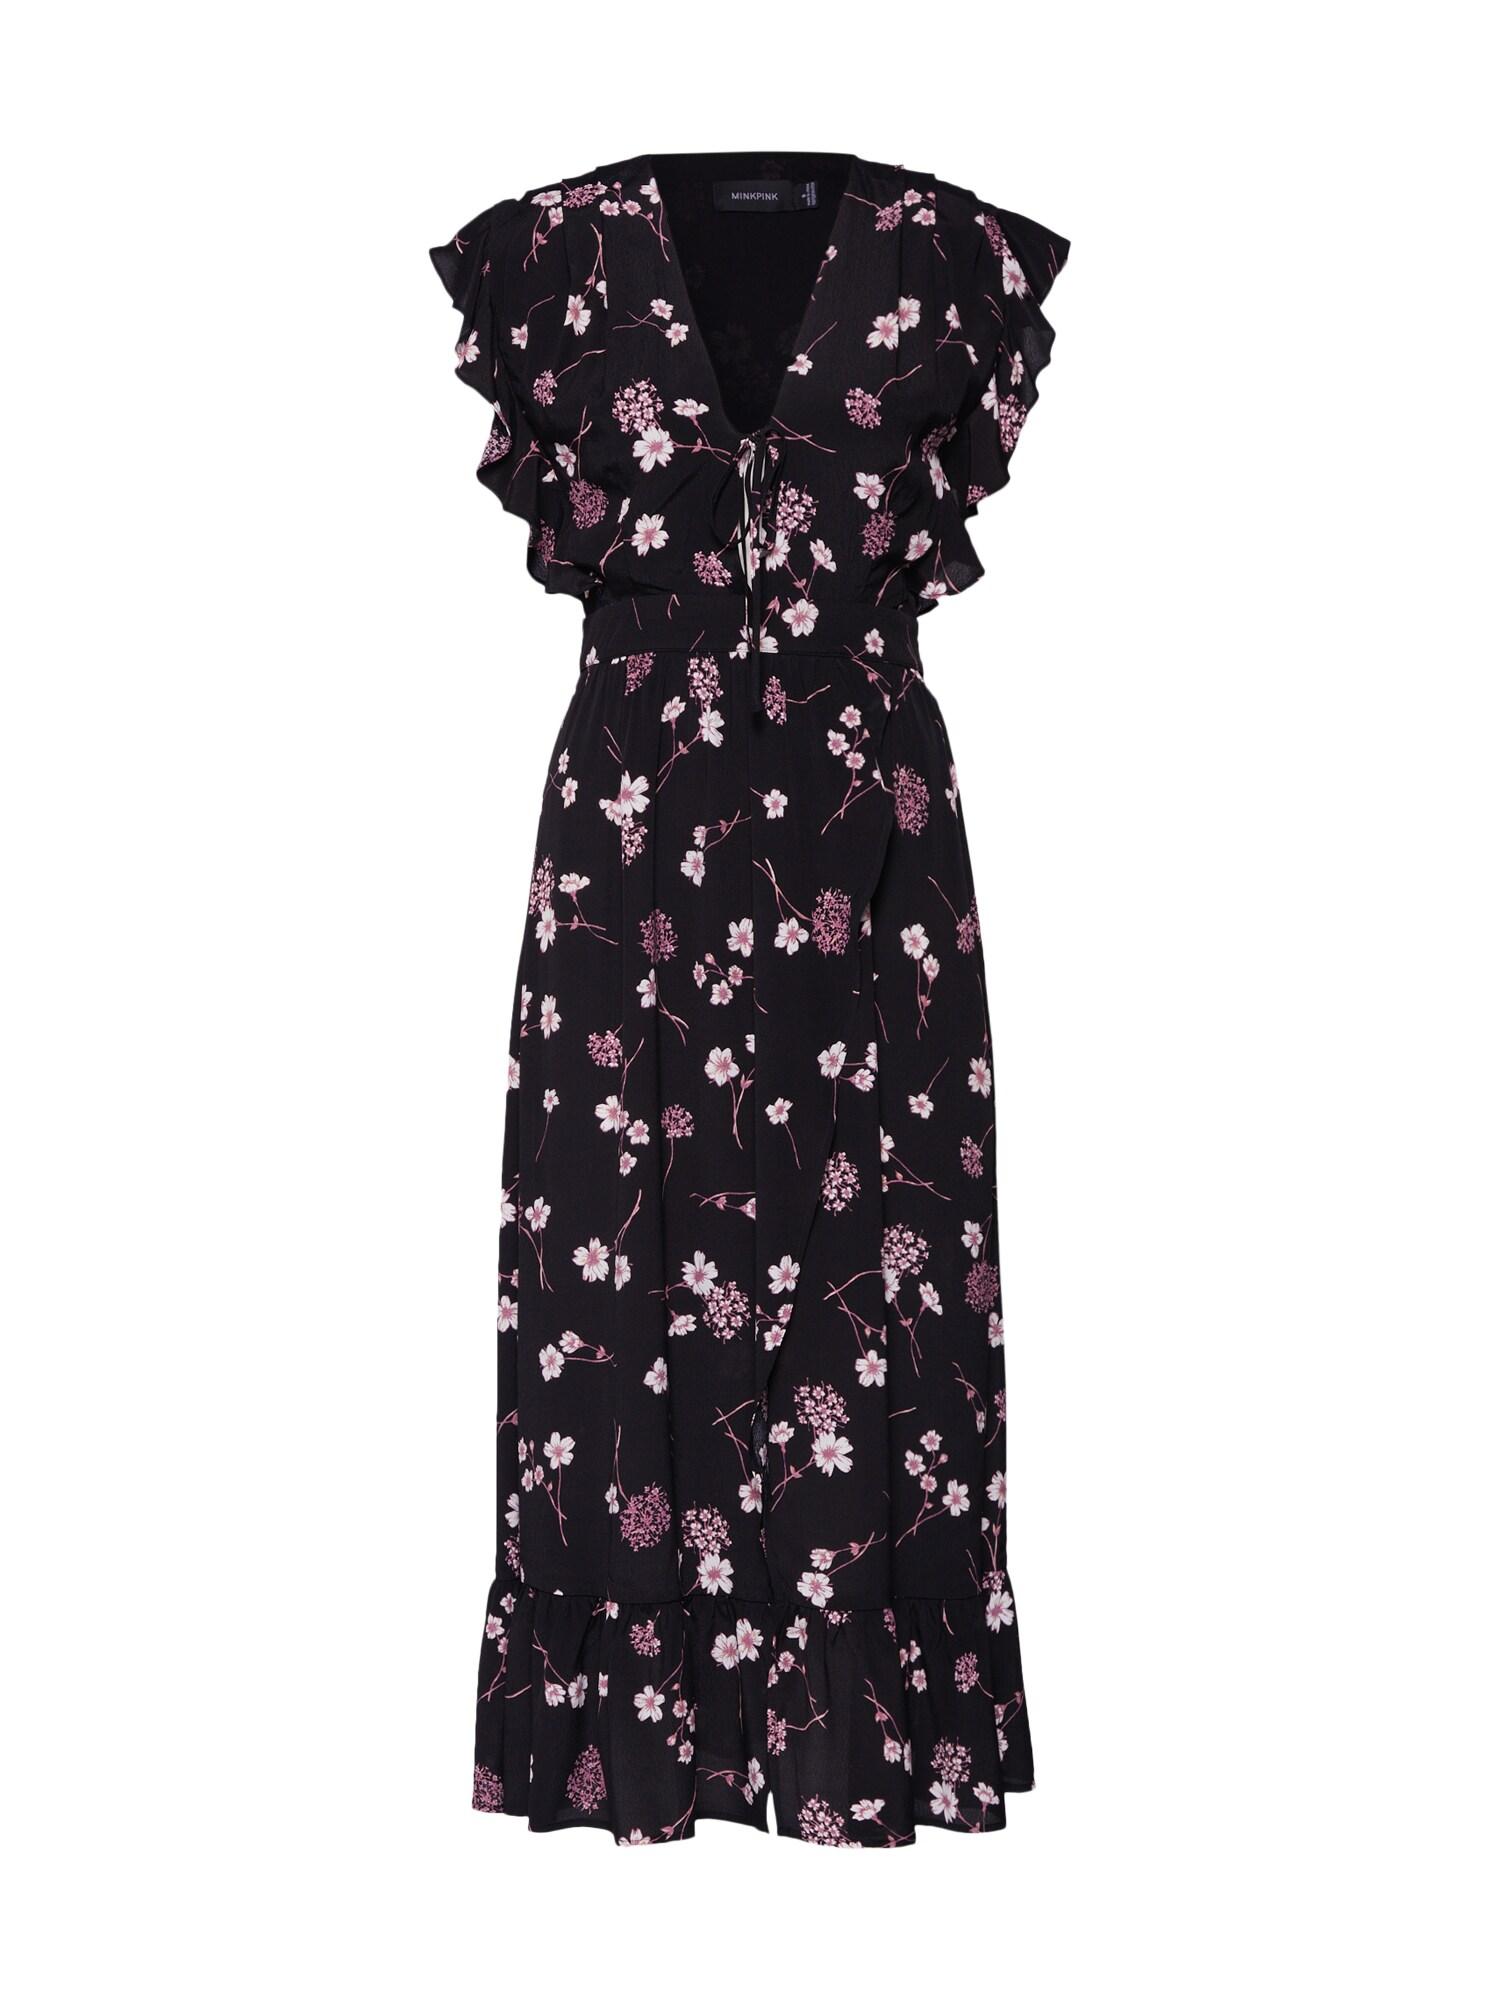 Šaty NIGHT GARDEN fialová černá bílá MINKPINK